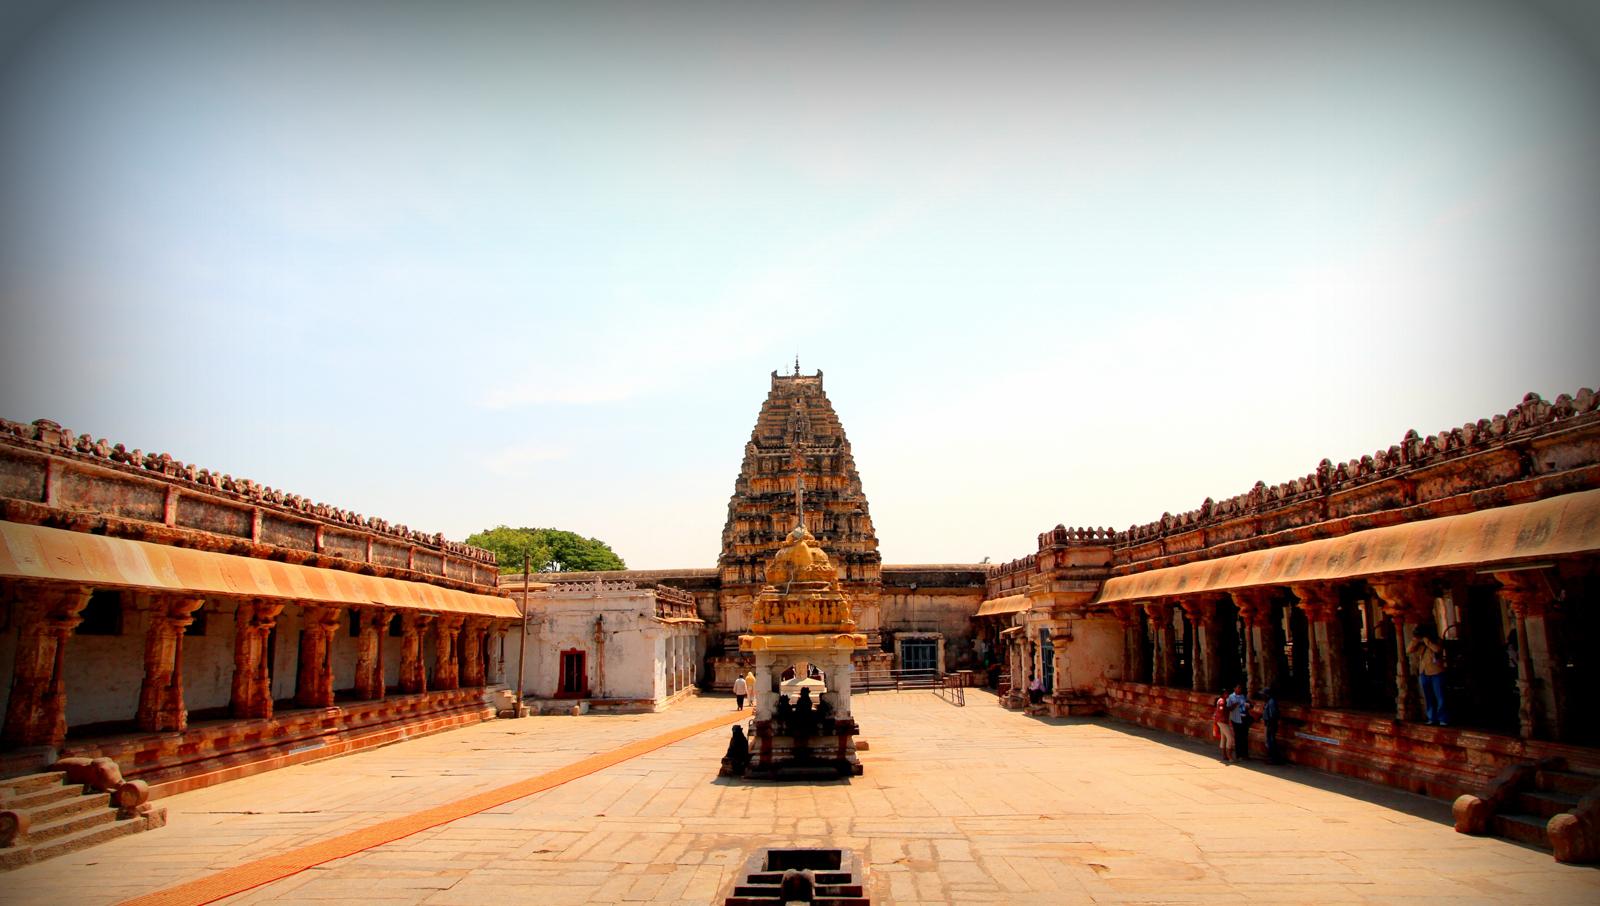 sanctum of virupaksha temple